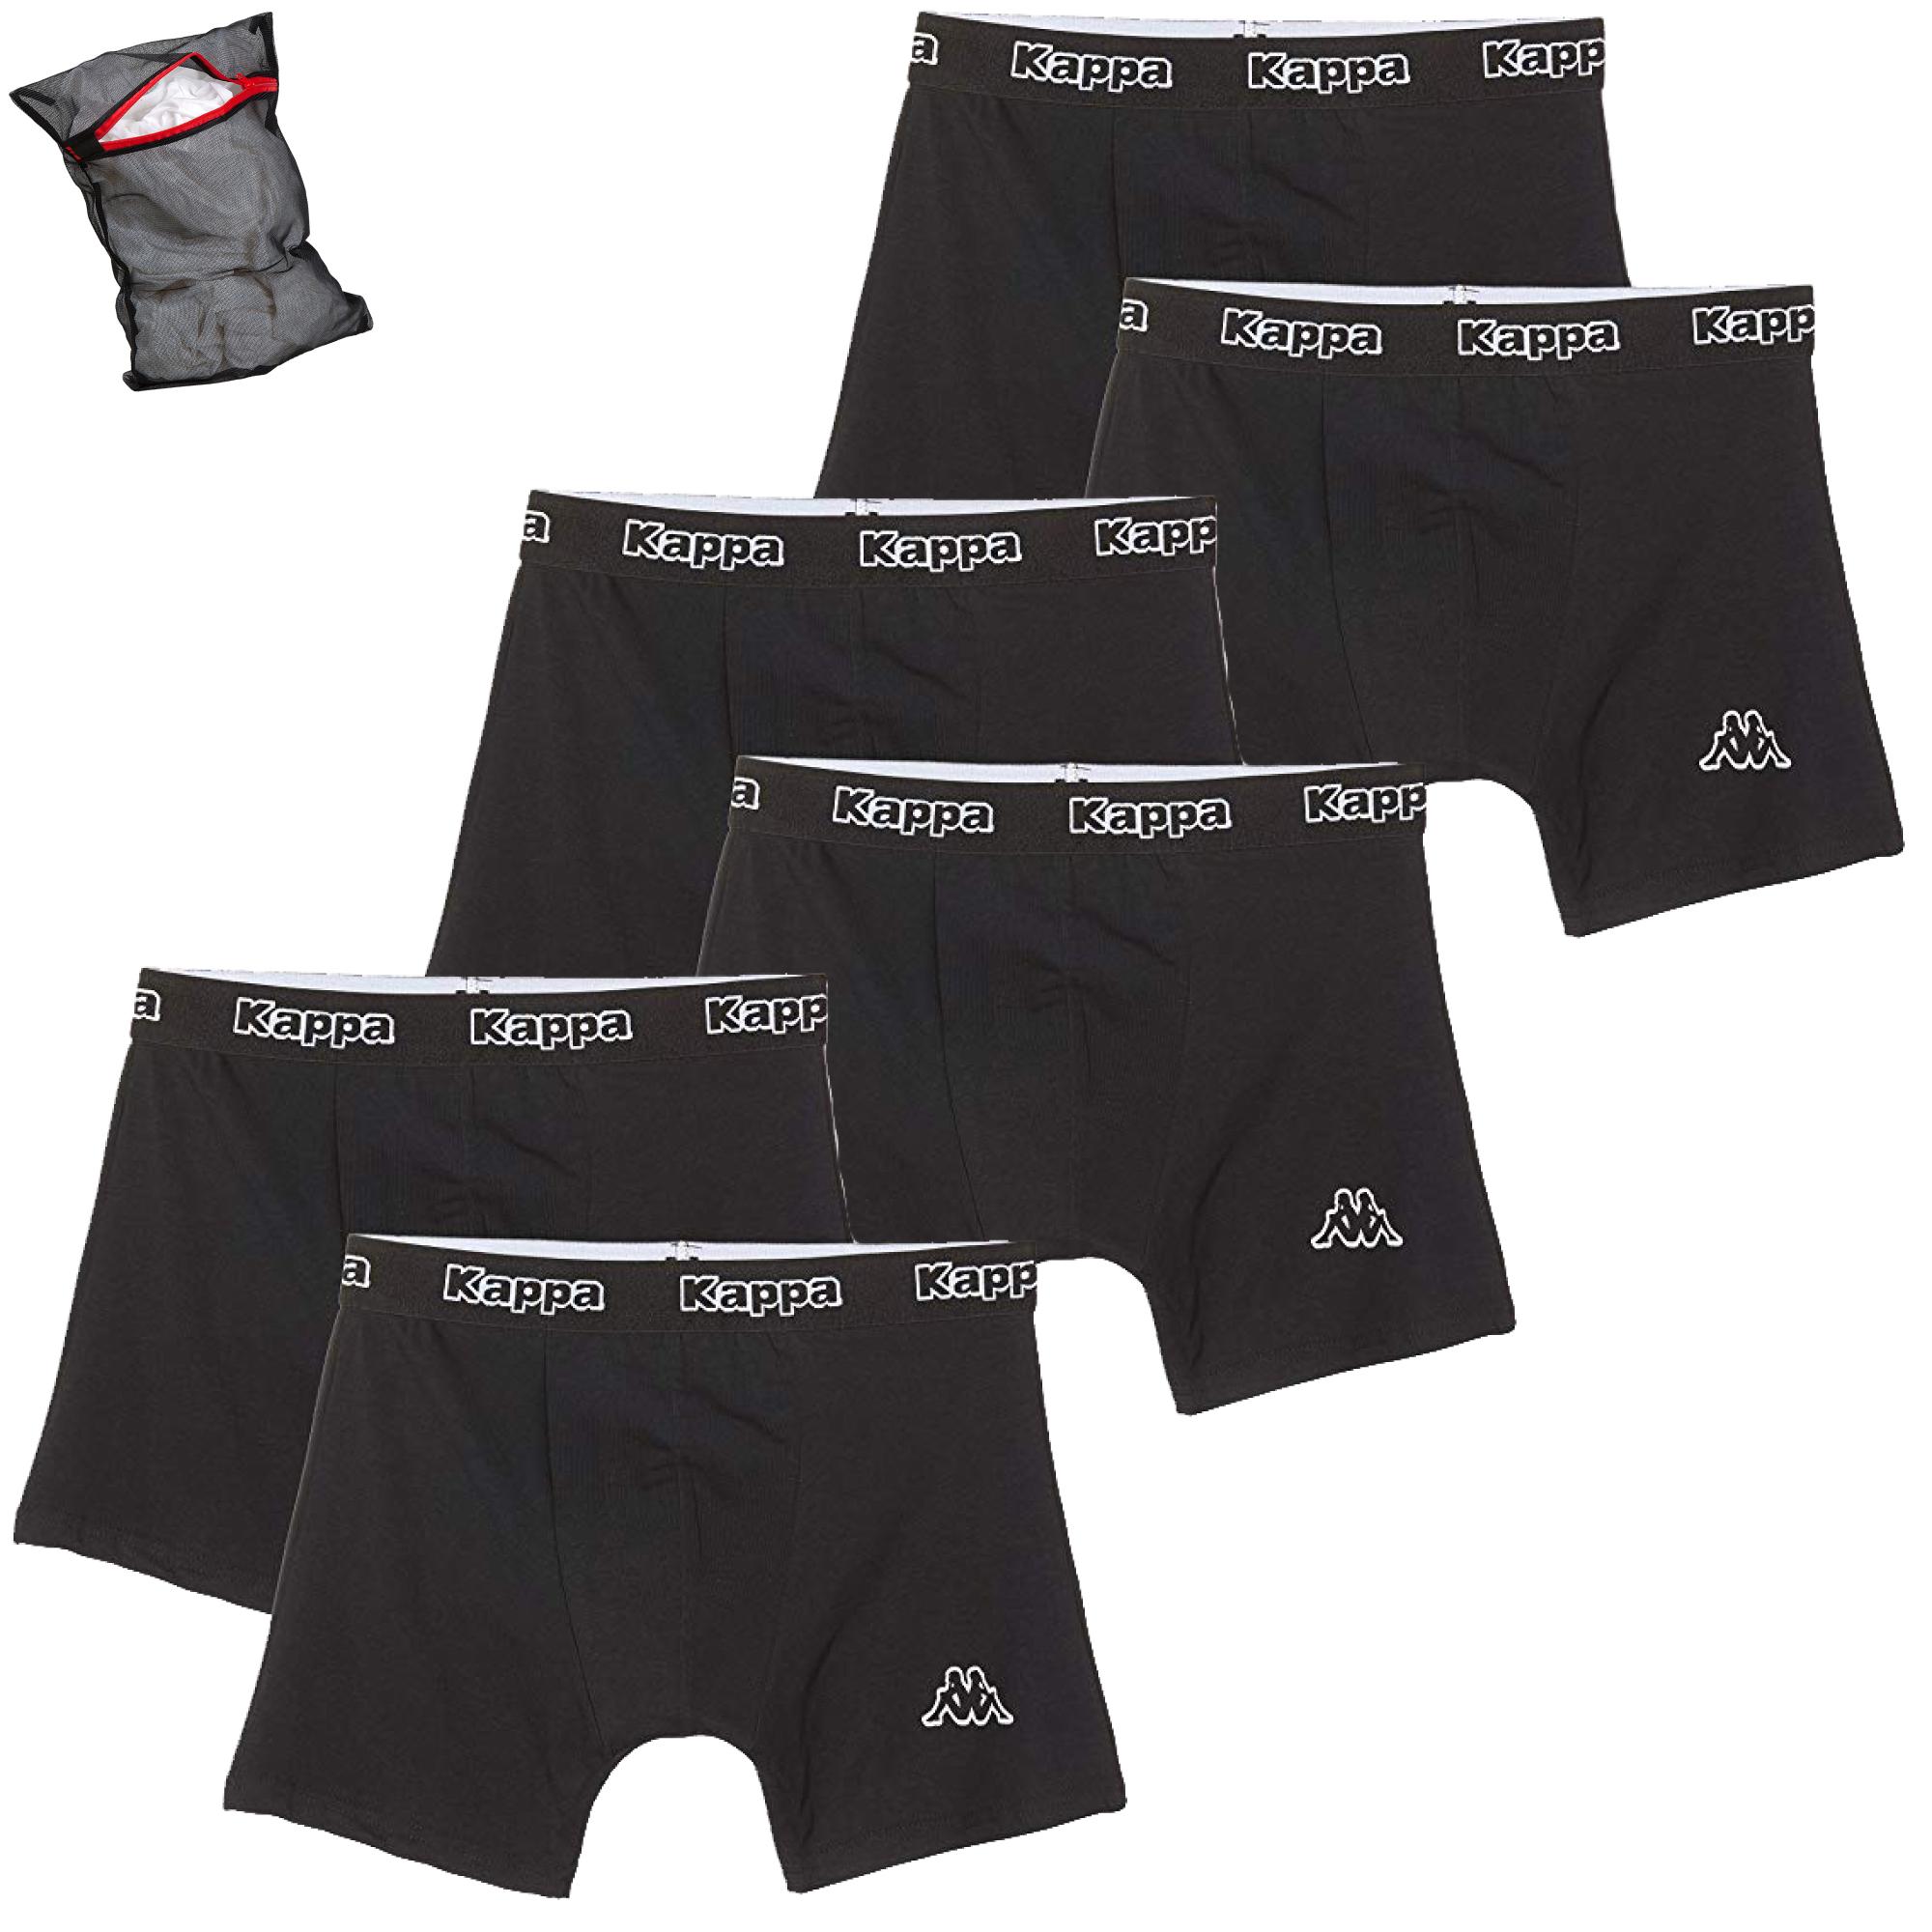 Kappa Herren Unterhosen Ziatec Edition mit W/äschenetz 3er 9er Pack M/änner-Boxershorts